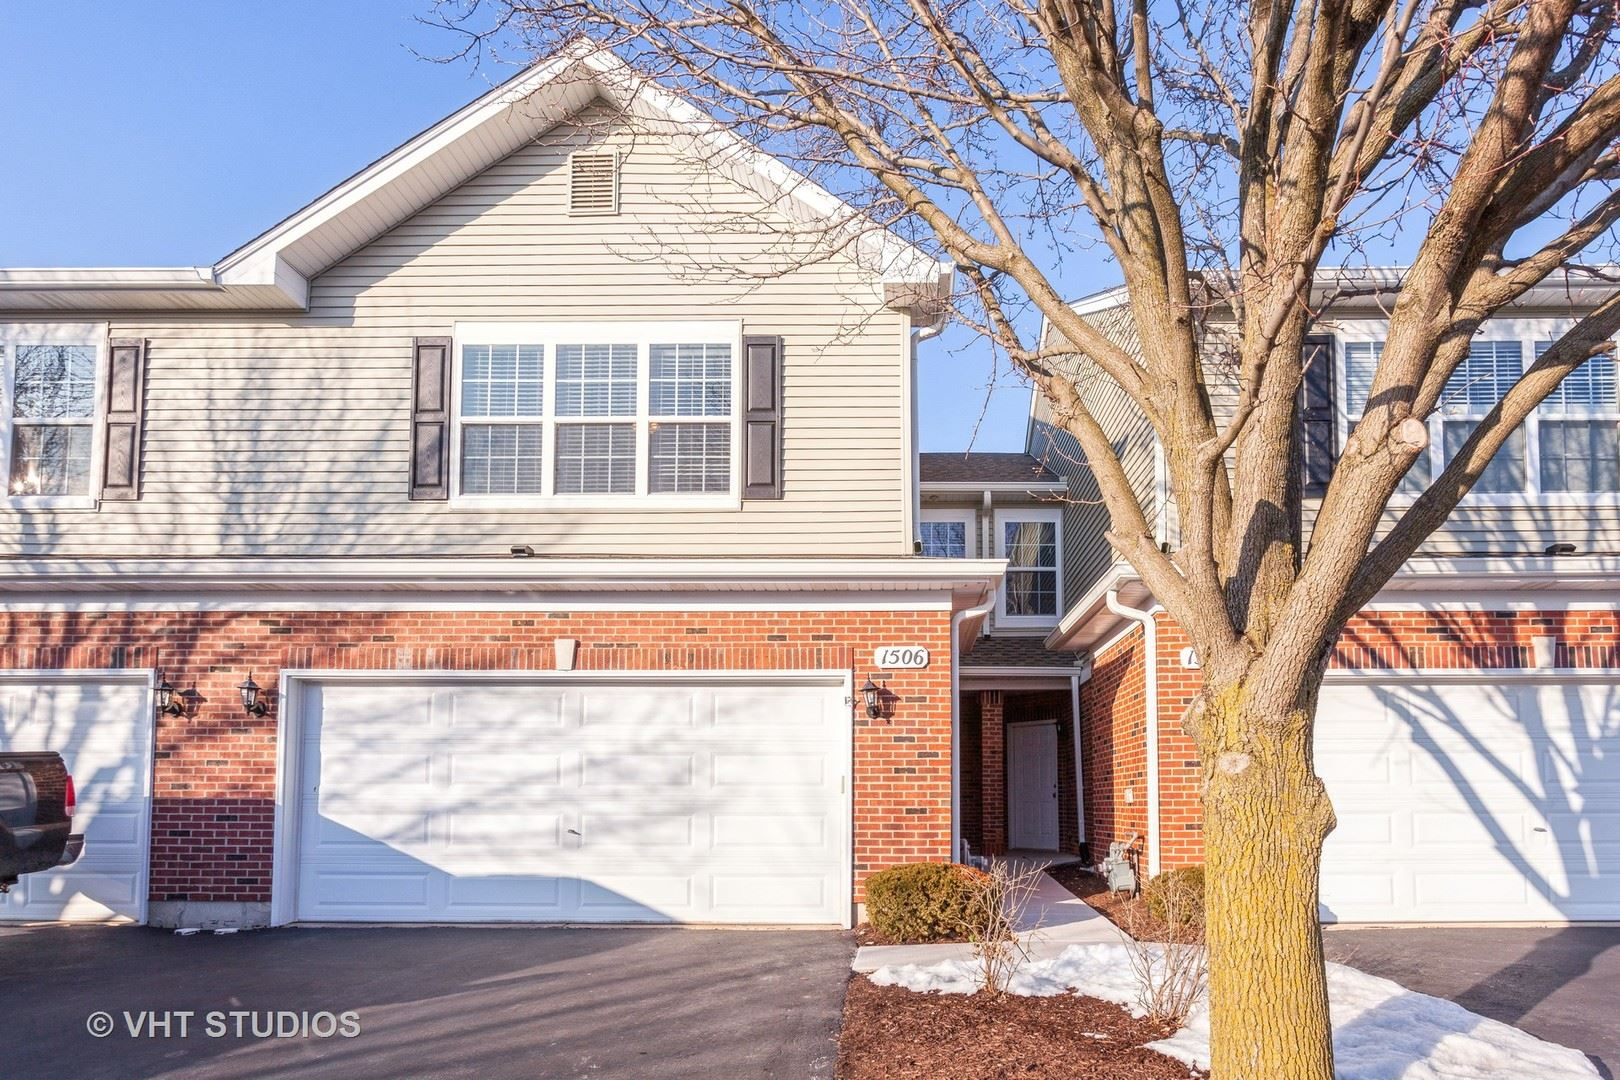 Photo of 1506 Envee Drive, Bolingbrook, IL 60490 (MLS # 10959658)